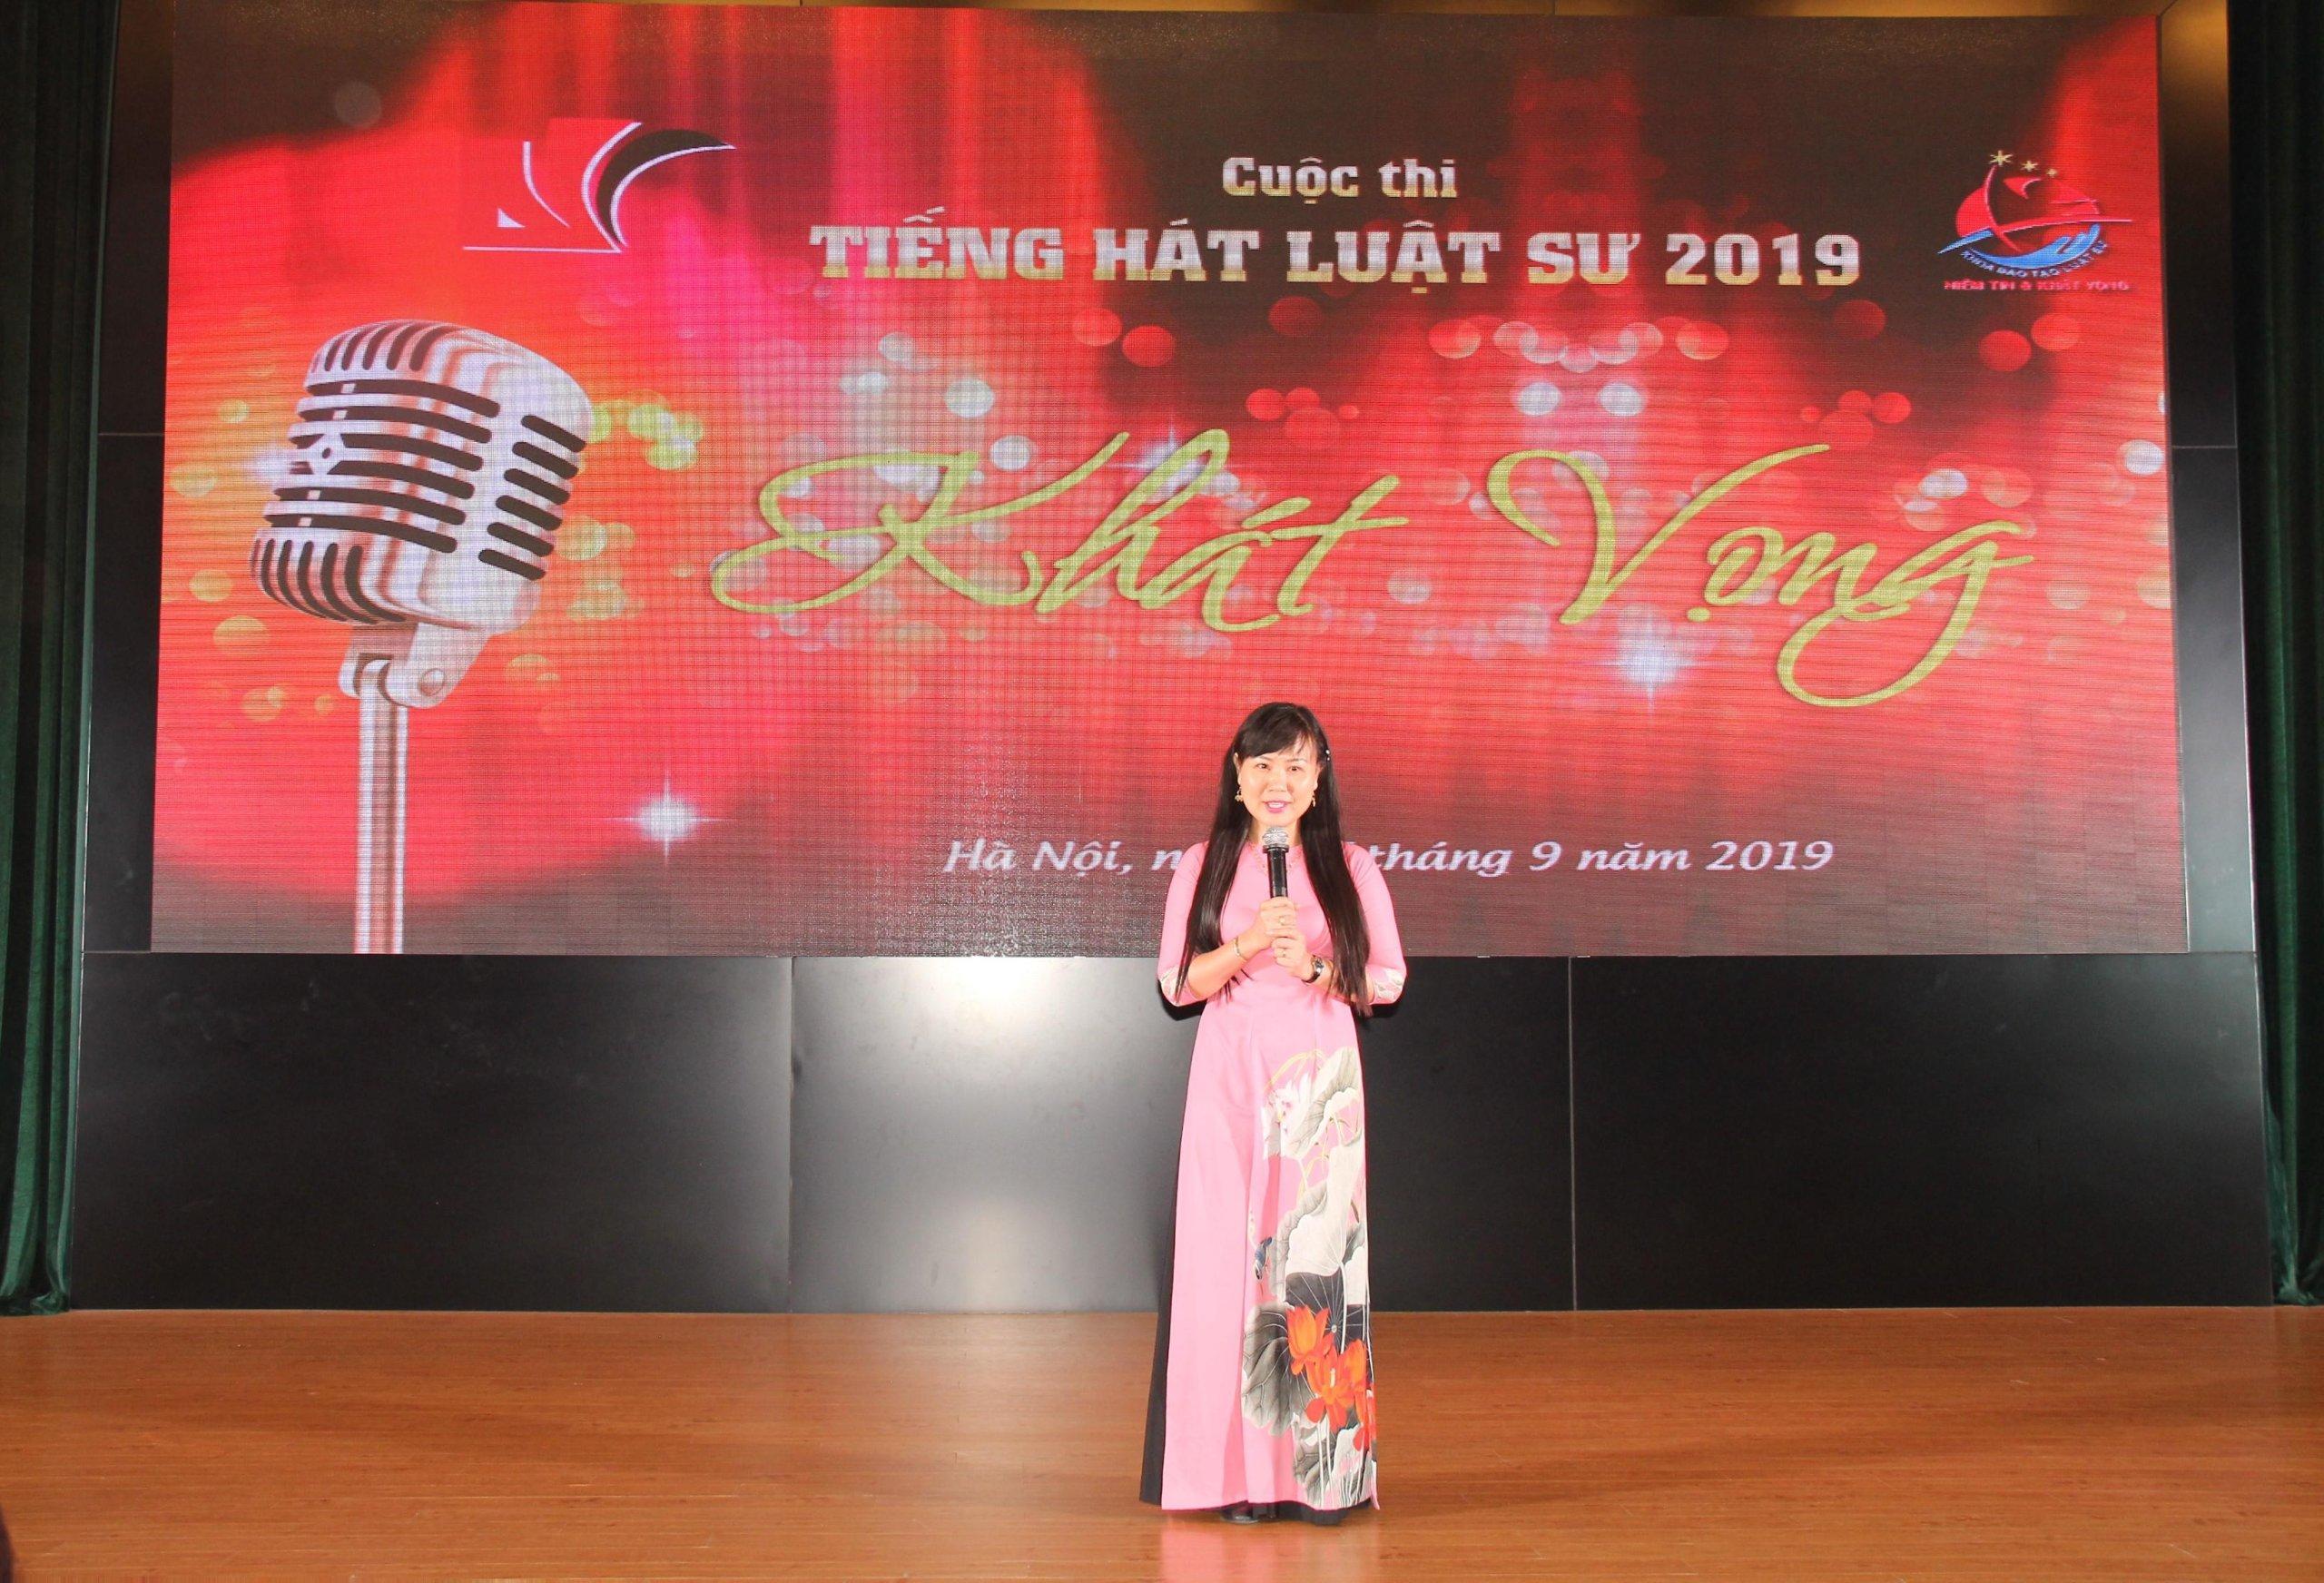 Cuộc thi Tiếng hát Luật sư 2019: Kỷ niệm 15 năm thành lập khoa Đào tạo luật sư – HVTP - Ảnh 2